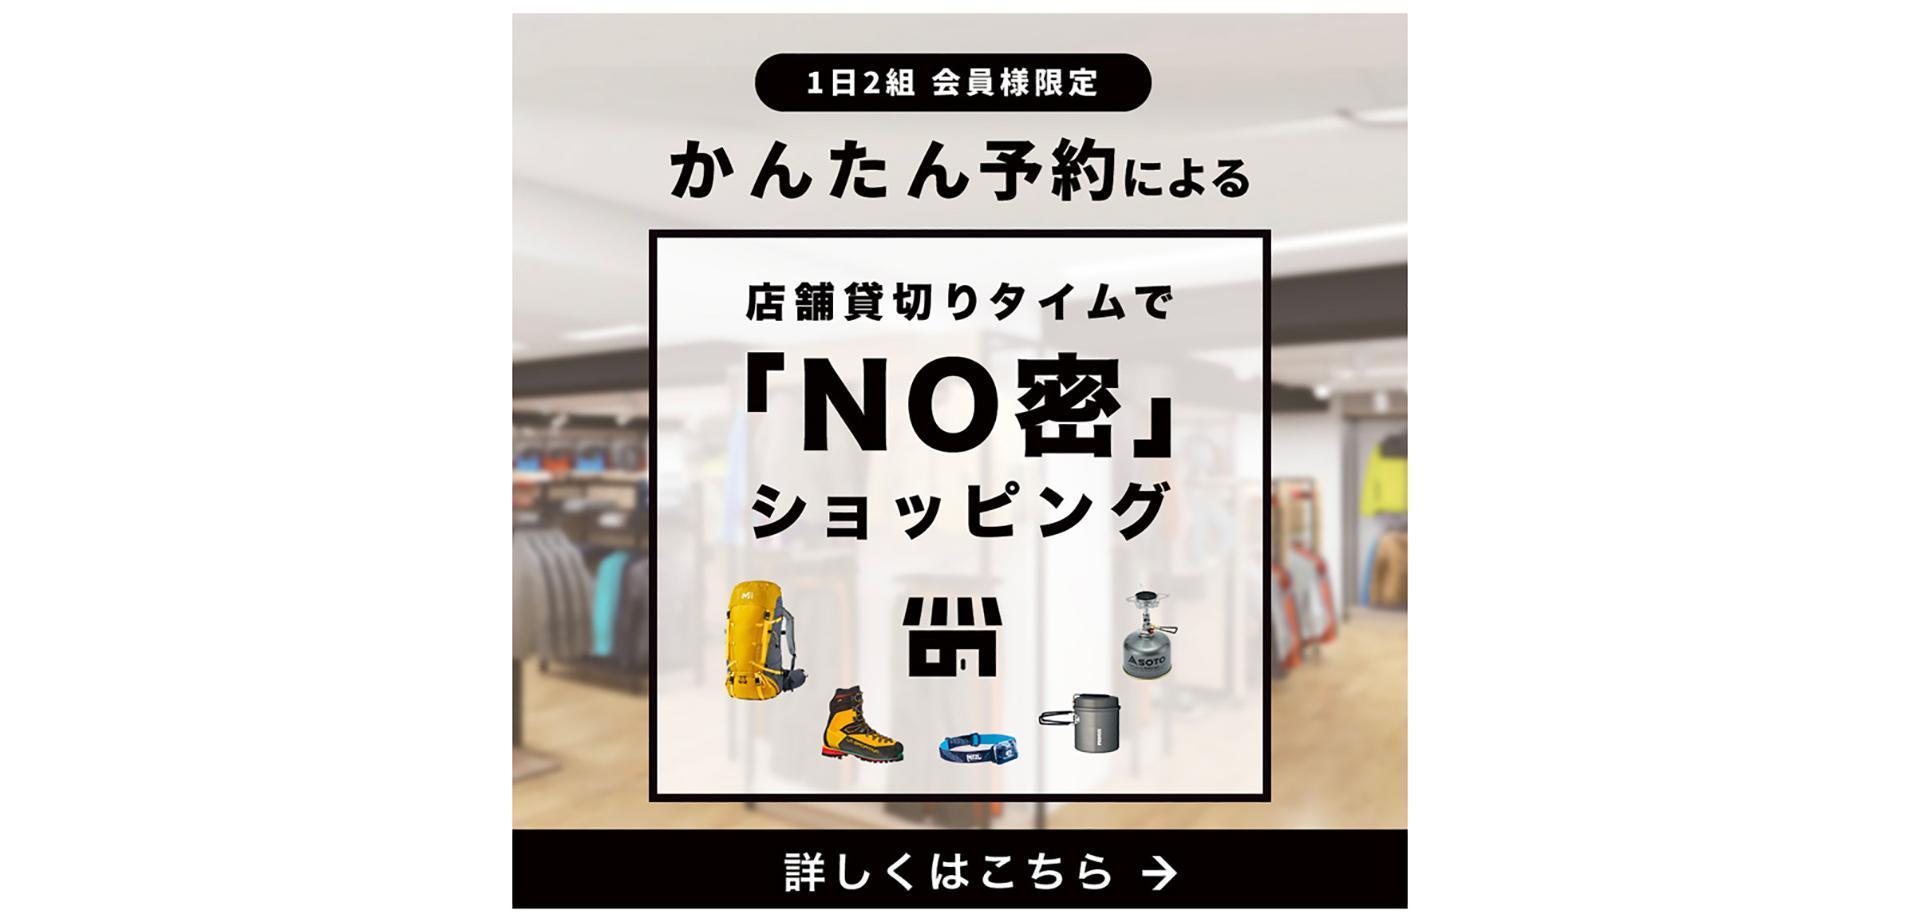 好日山荘・貸切り予約で「No密」ショッピング